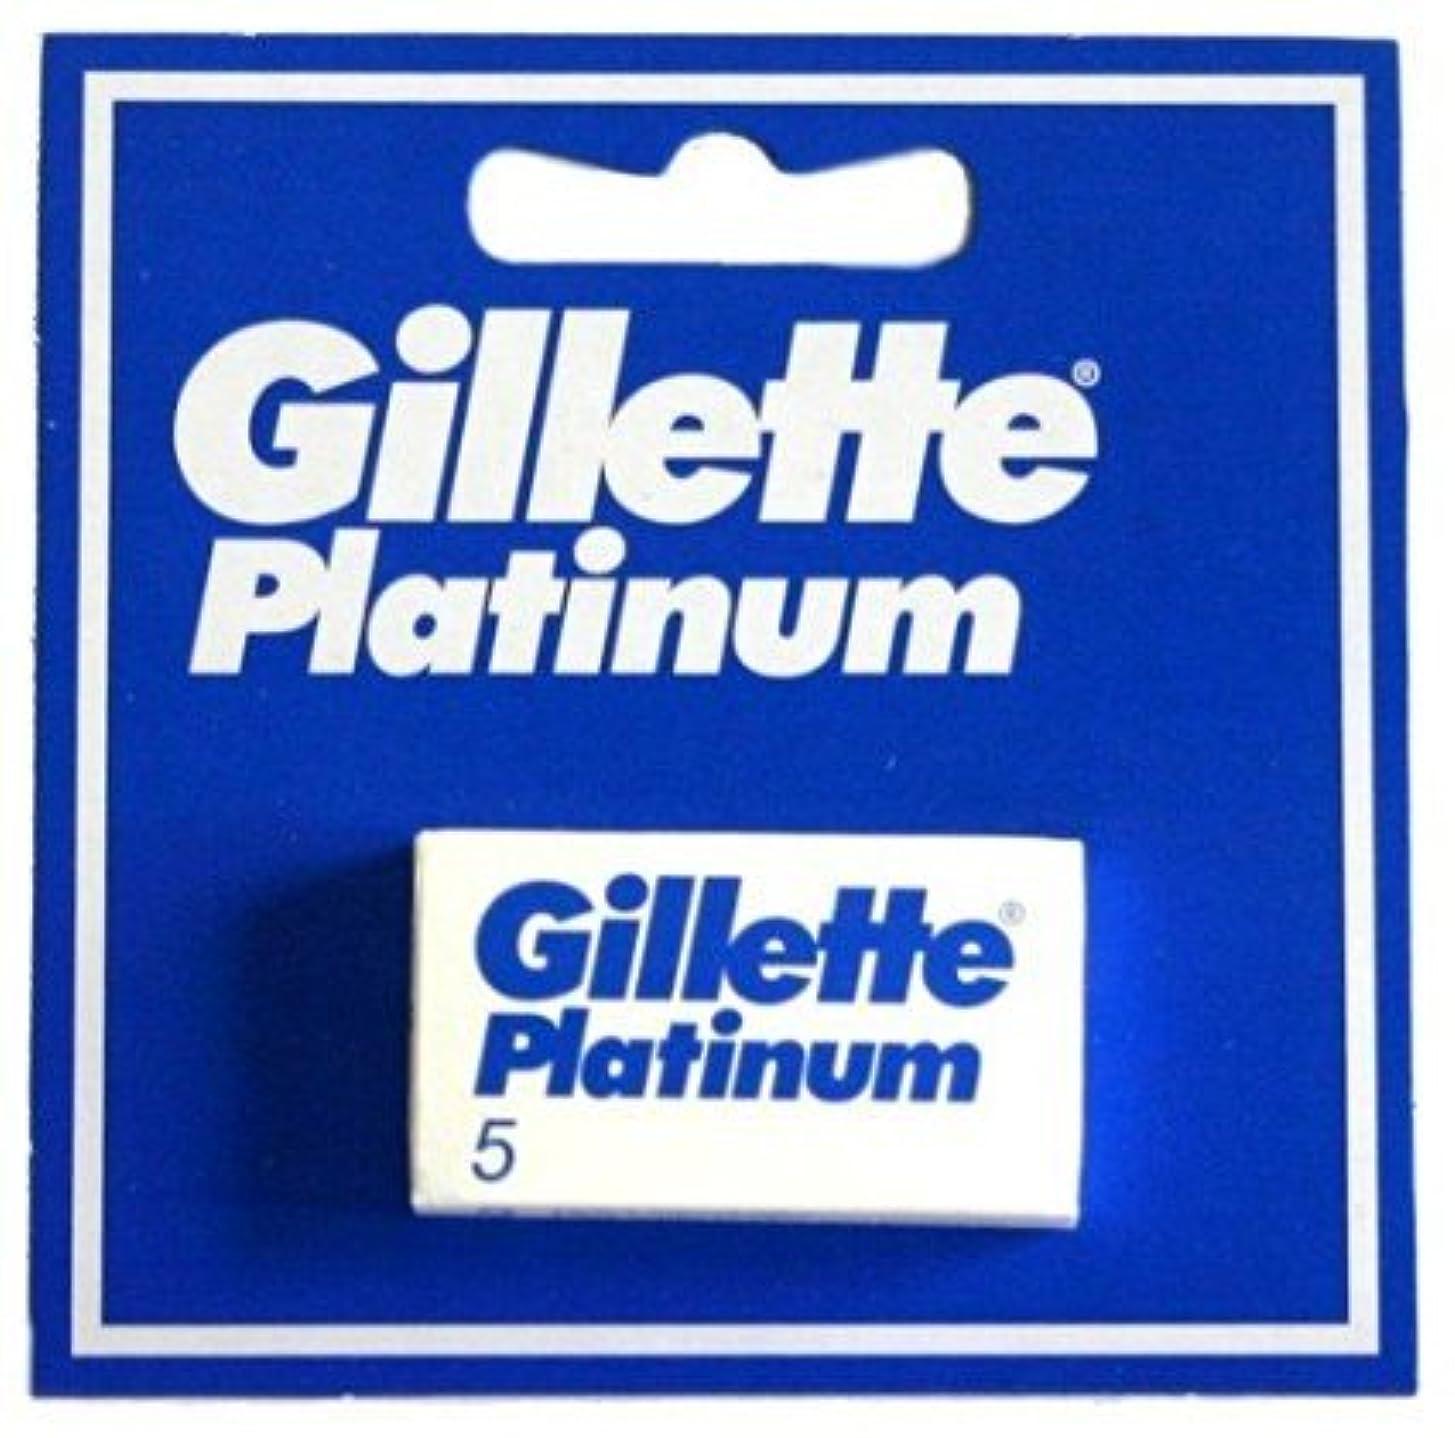 Gillette Platinum [プレミアムホワイトボックス版!] ジレット プラチナ 両刃替刃 20個入り (5*4) [海外直送品] [並行輸入品]